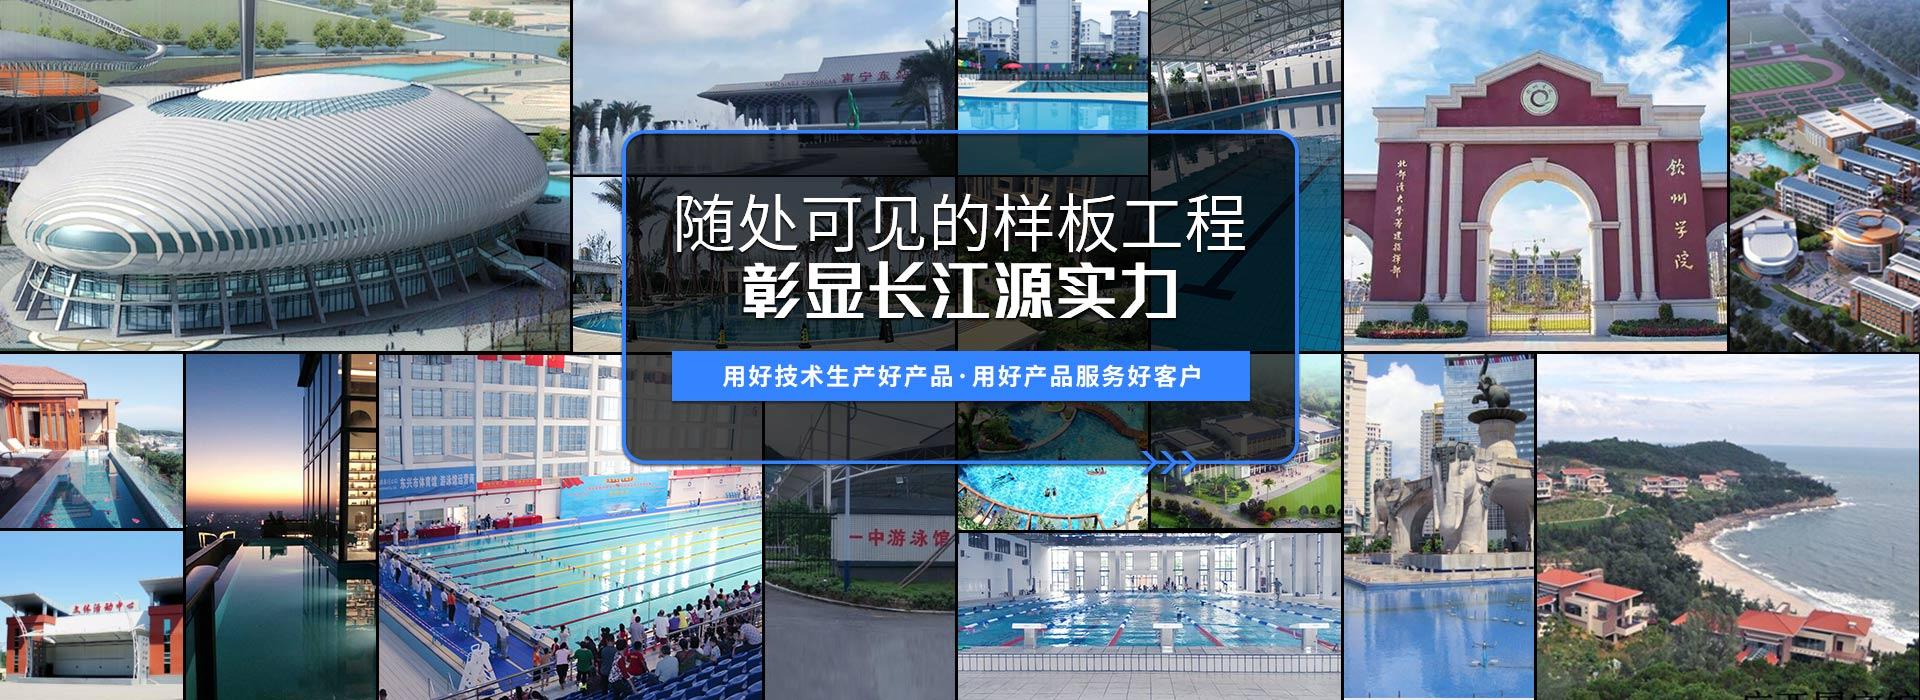 南宁长江源-随处可见的样板工程,彰显长江源实力